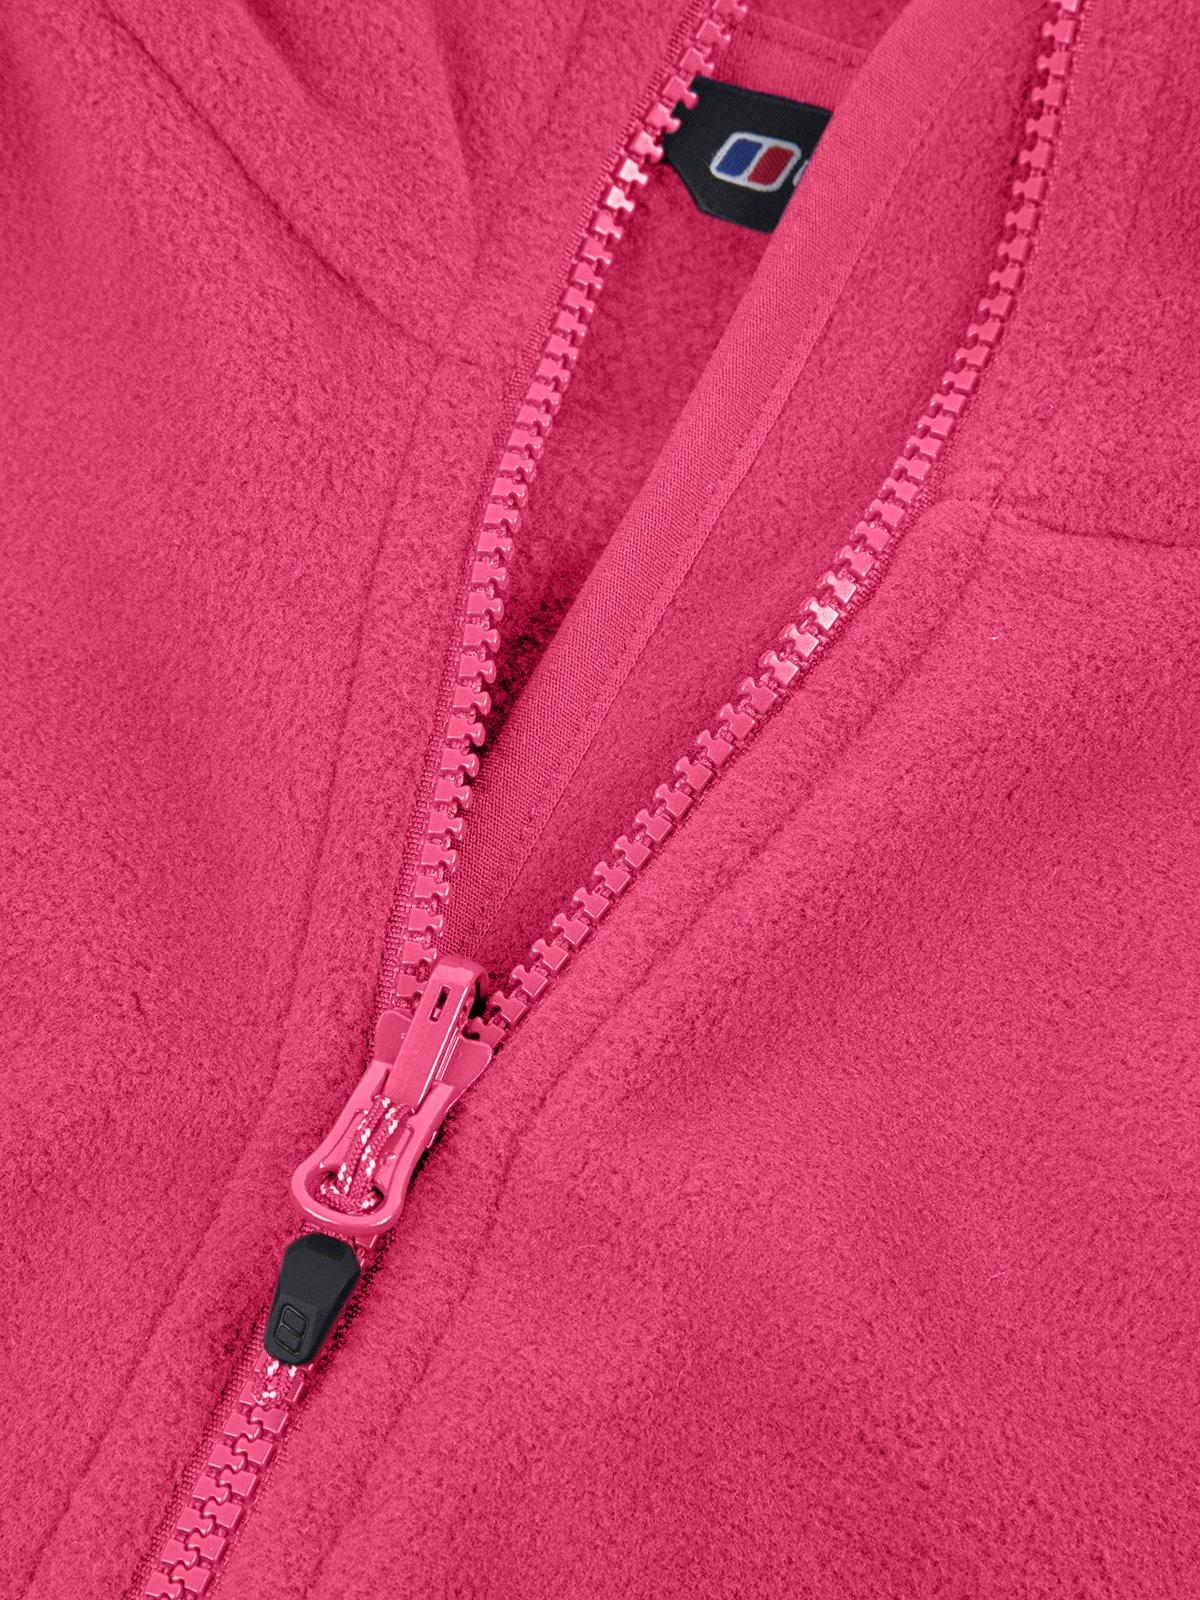 915X7hHXbGL - Berghaus Prism 2.0 Women's Fleece Jacket